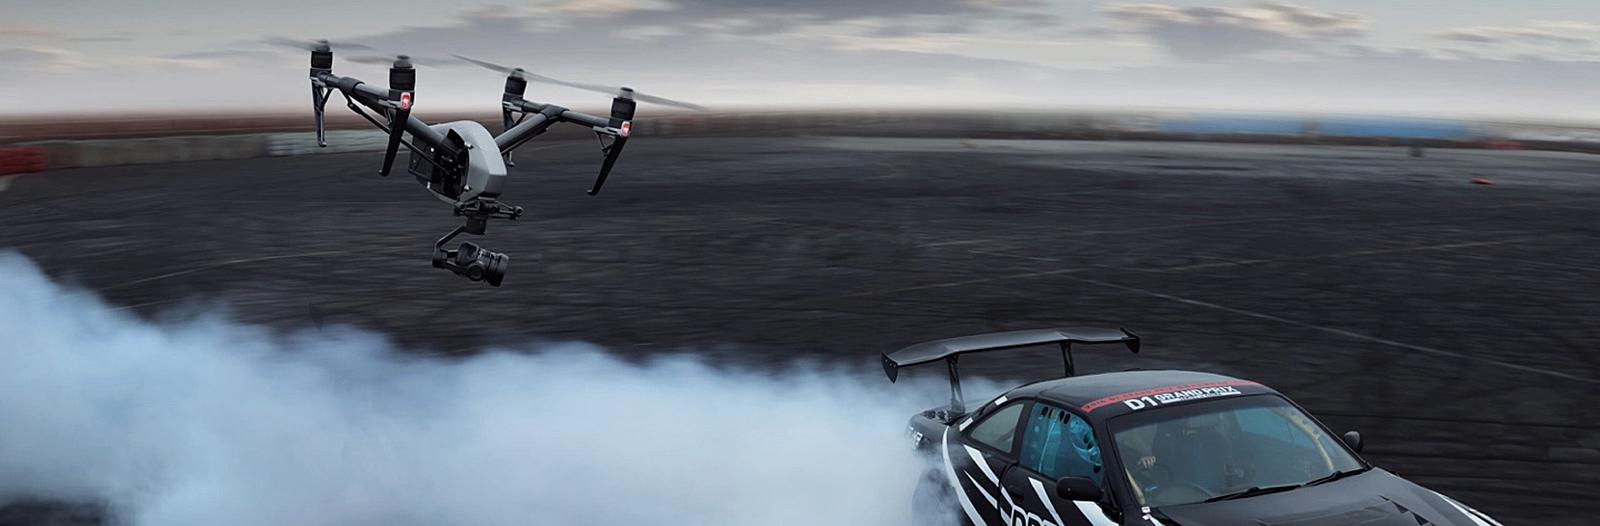 pilote drone